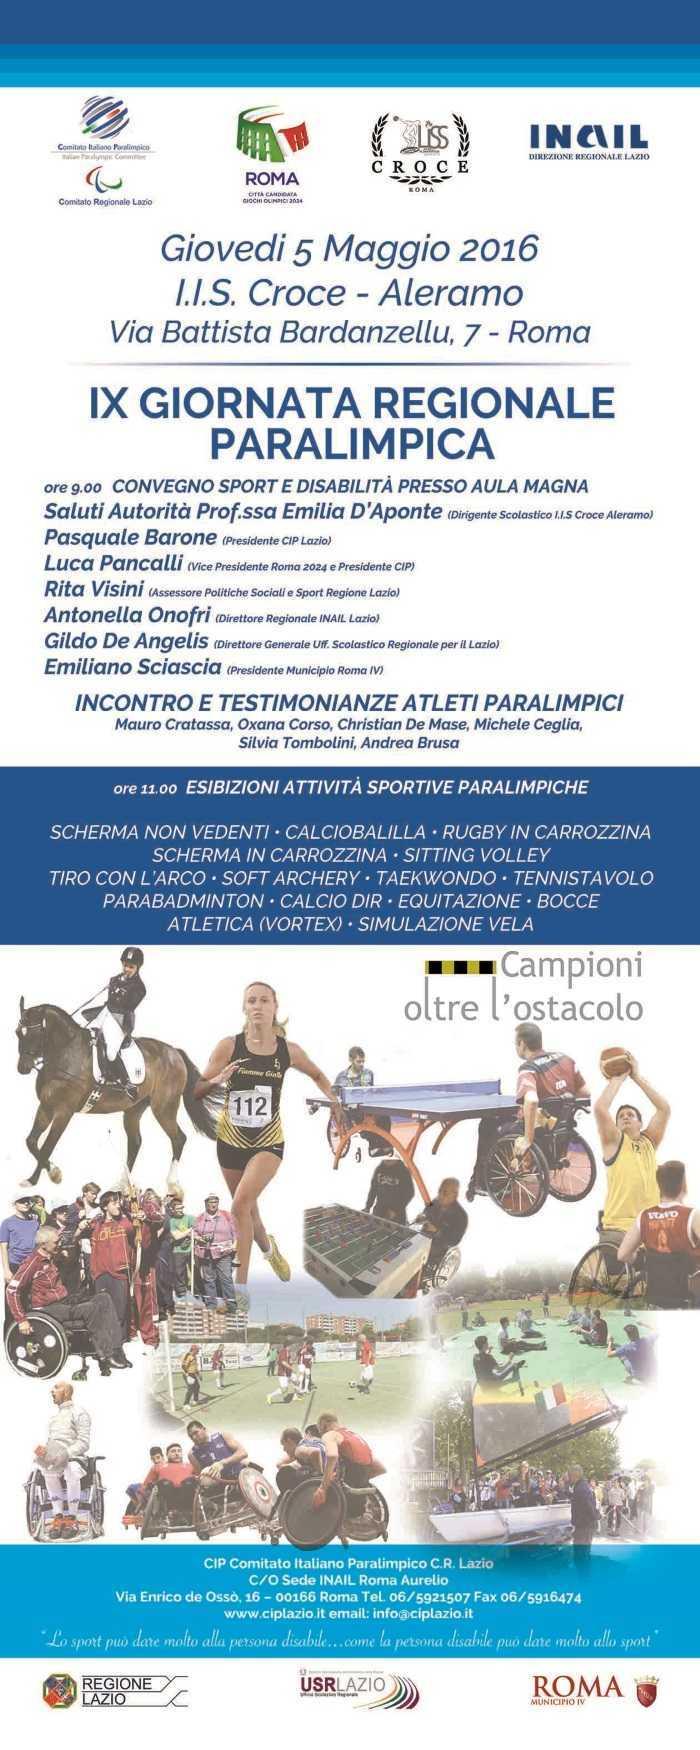 Giornata Regionale Paralimpica